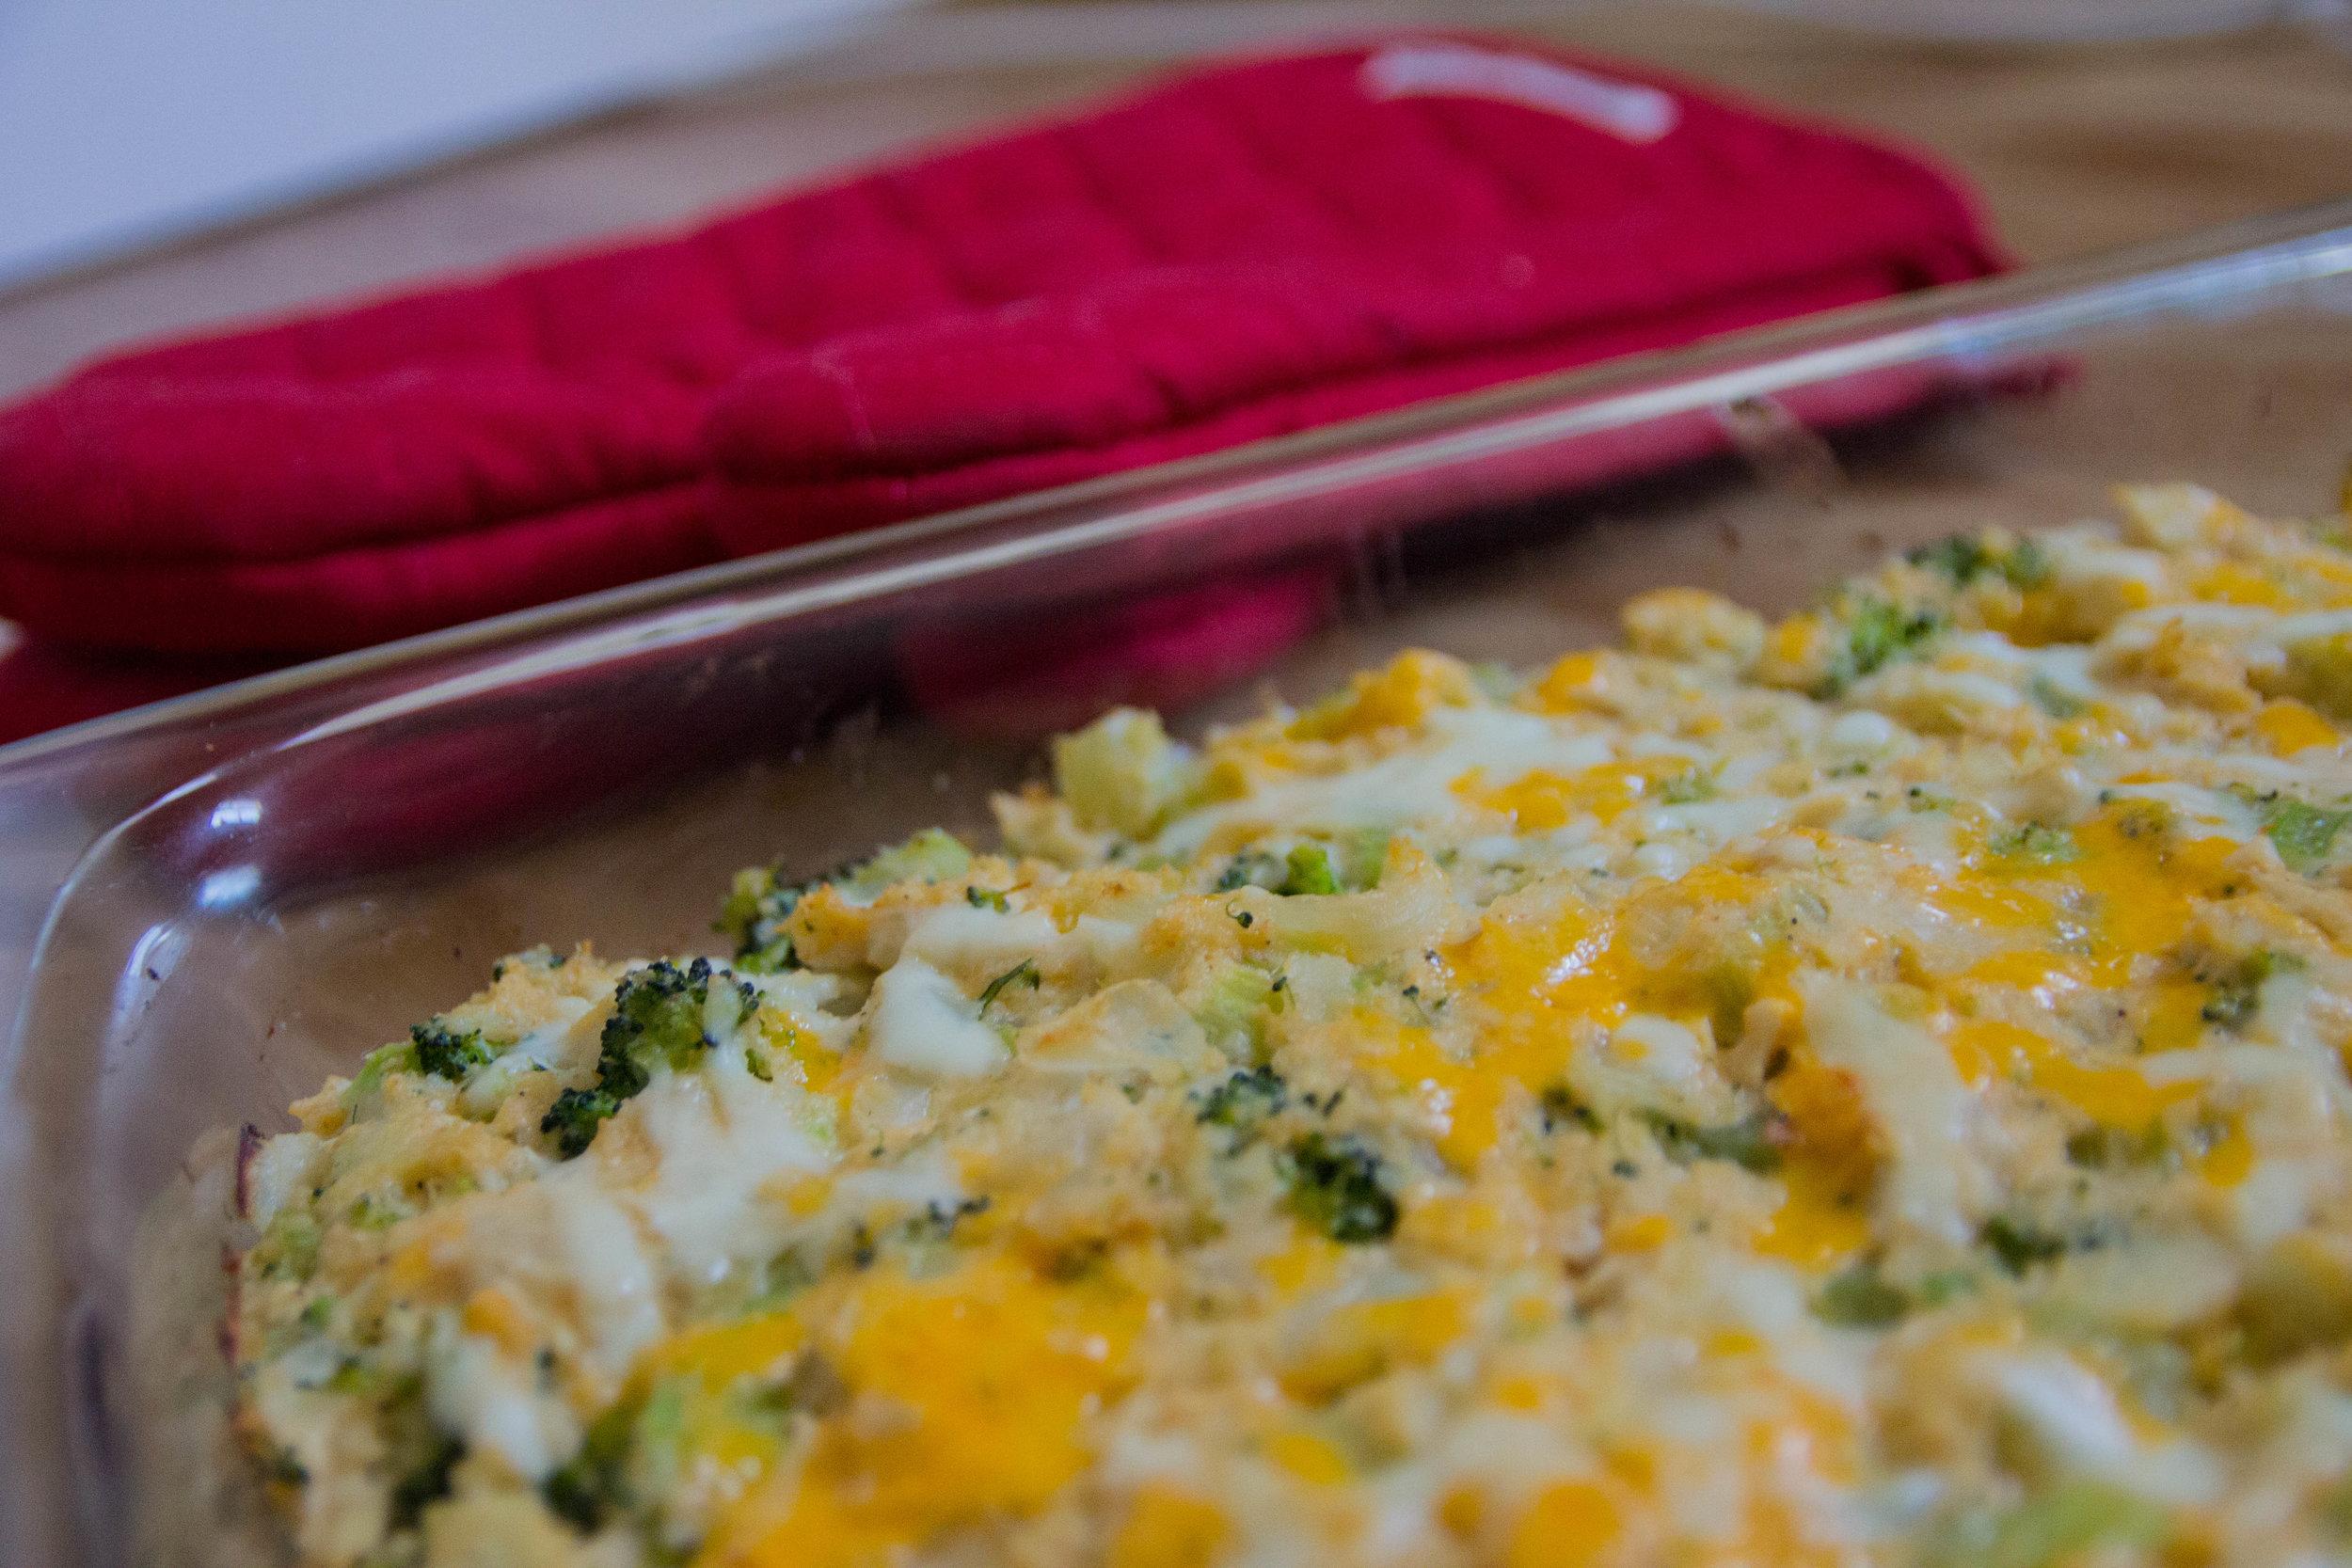 cheesy chicken cauliflower rice casserole, cauliflower recipes, william sonoma, casserole recipes, oven mitts, bed bath and beyond flatware